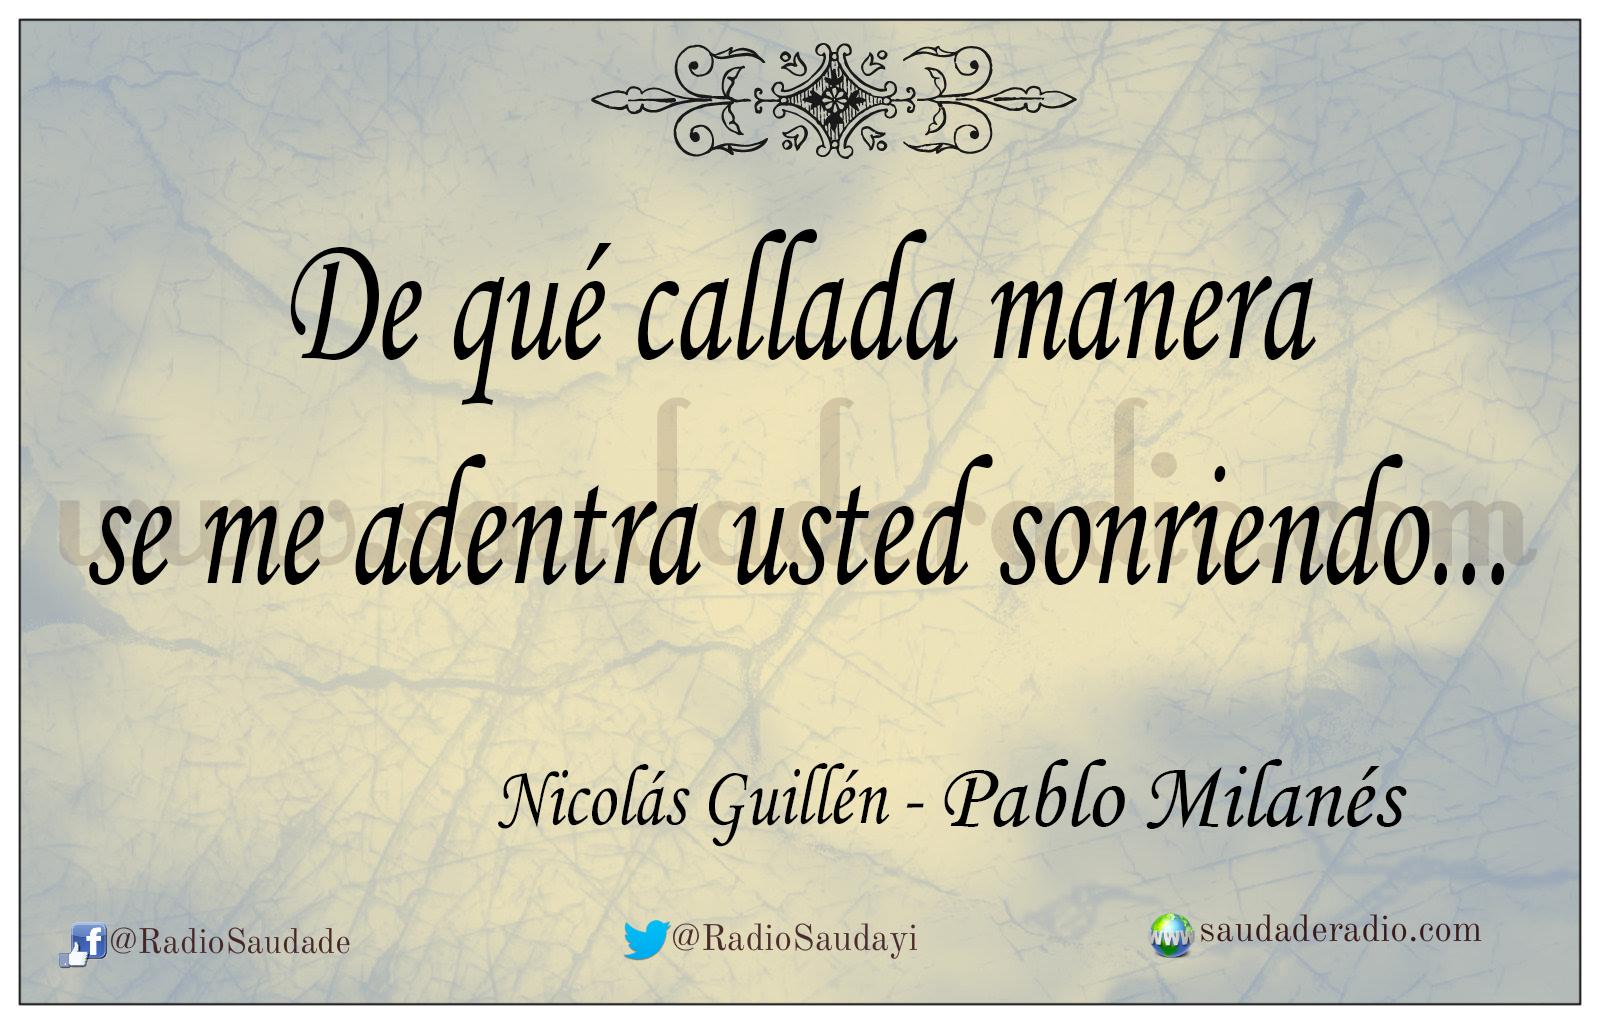 De Qué Callada Manera Nicolás Guillén Pablo Milanés